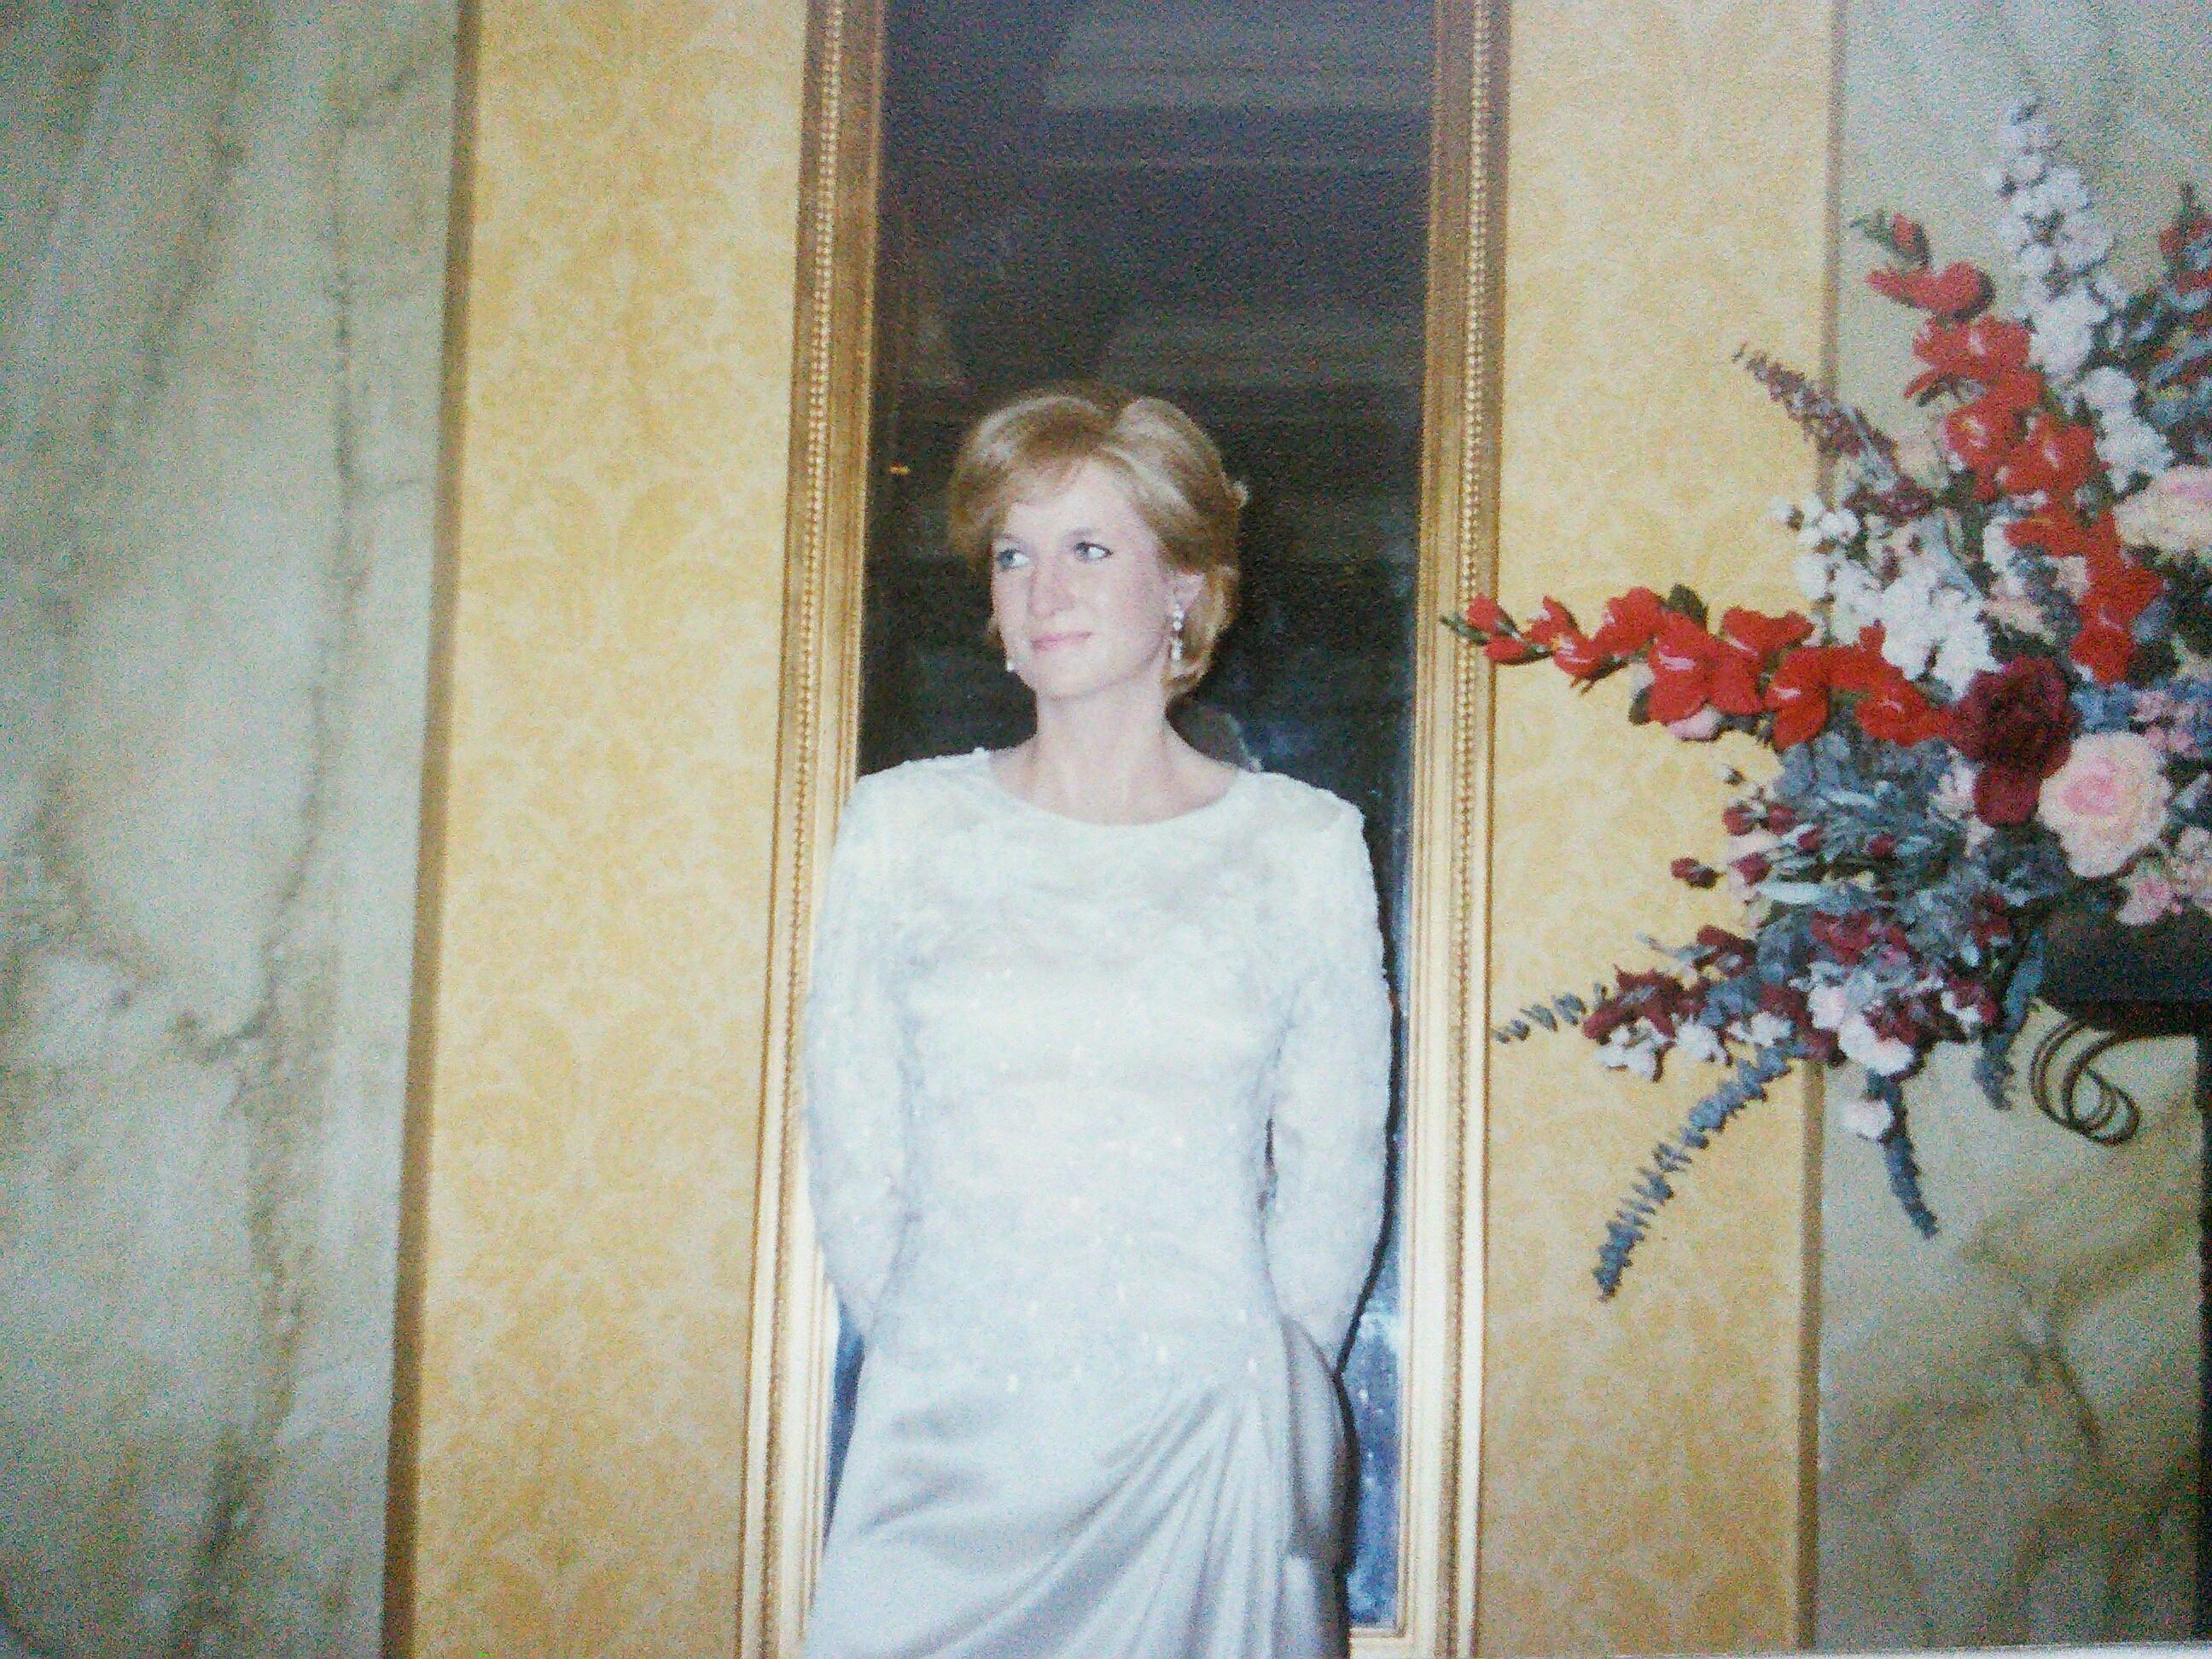 Восковая принцесса Диана, музей мадам Тюссо в Лонд. Блиц: музейный экспонат